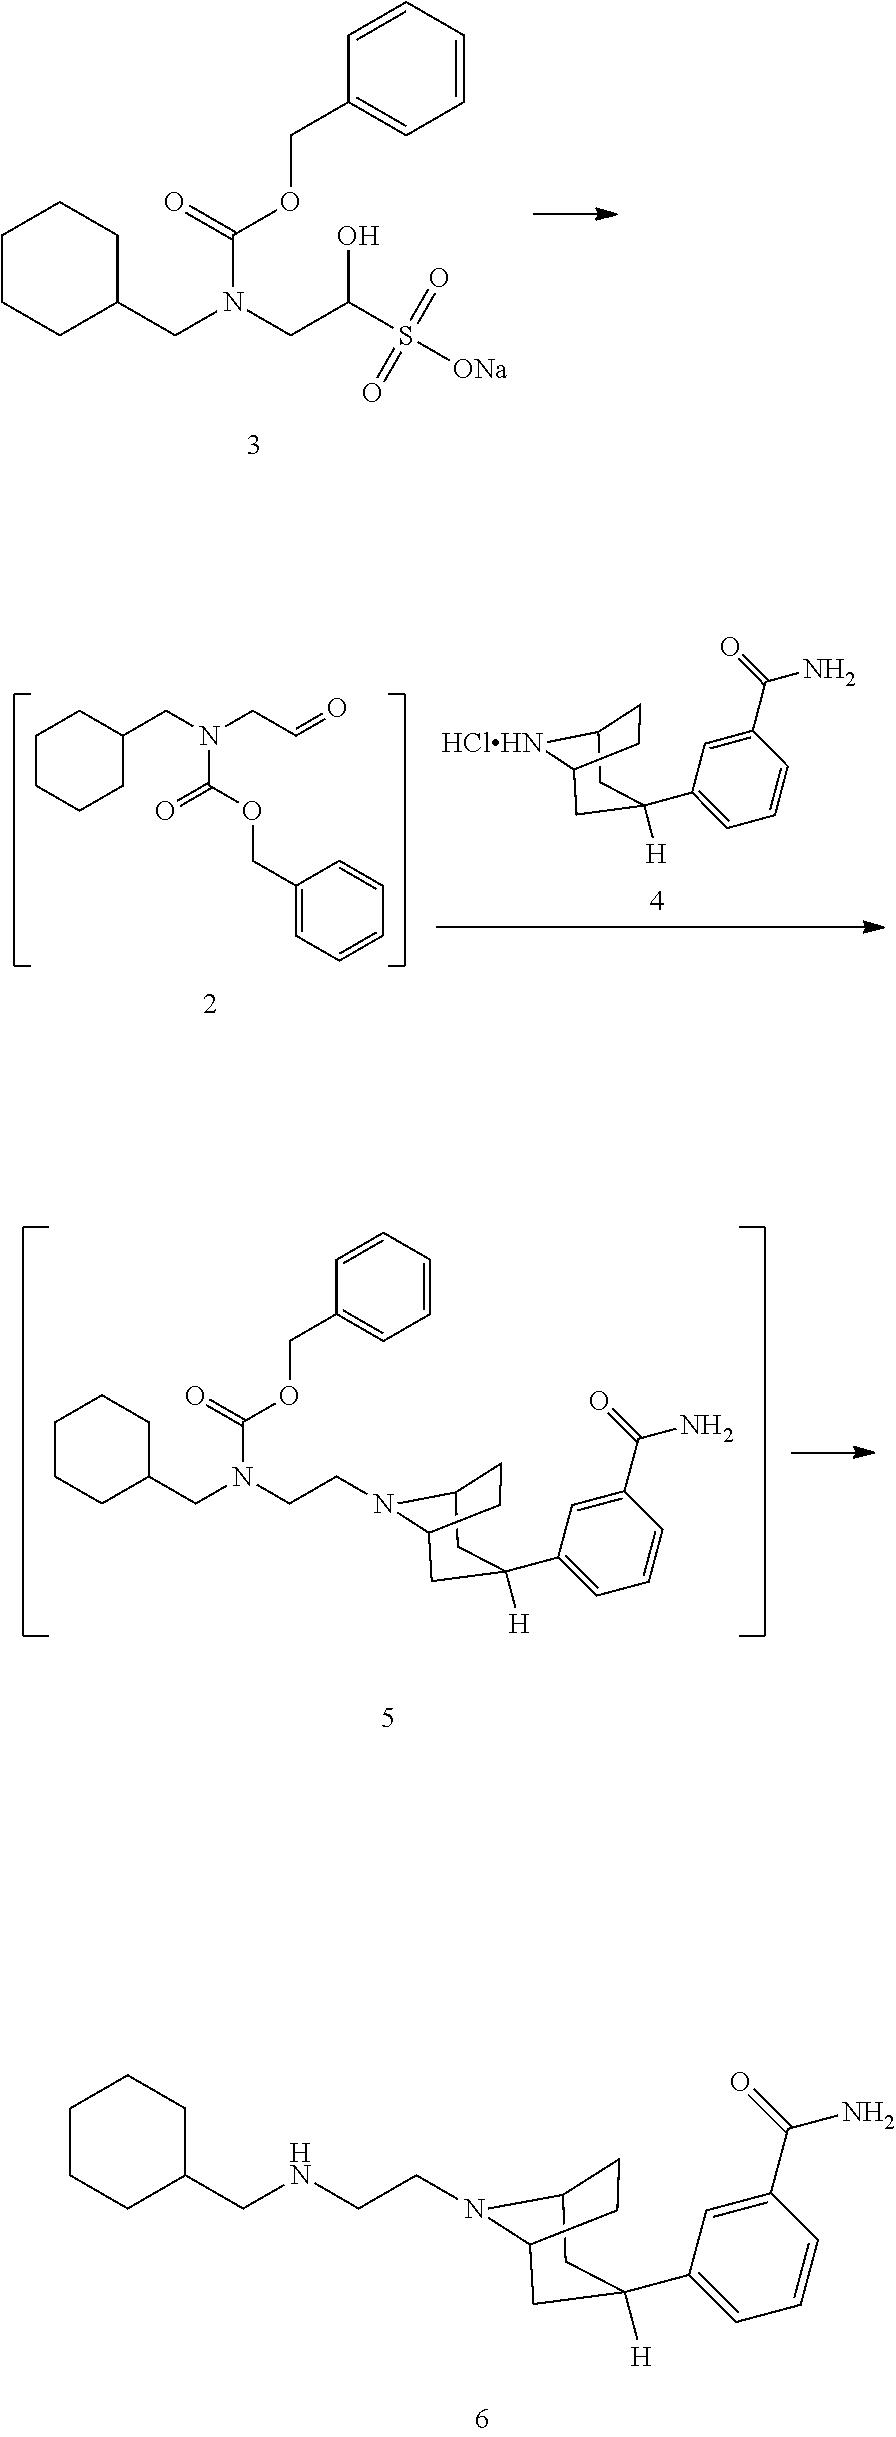 how to prepare sulfuric acid 2n